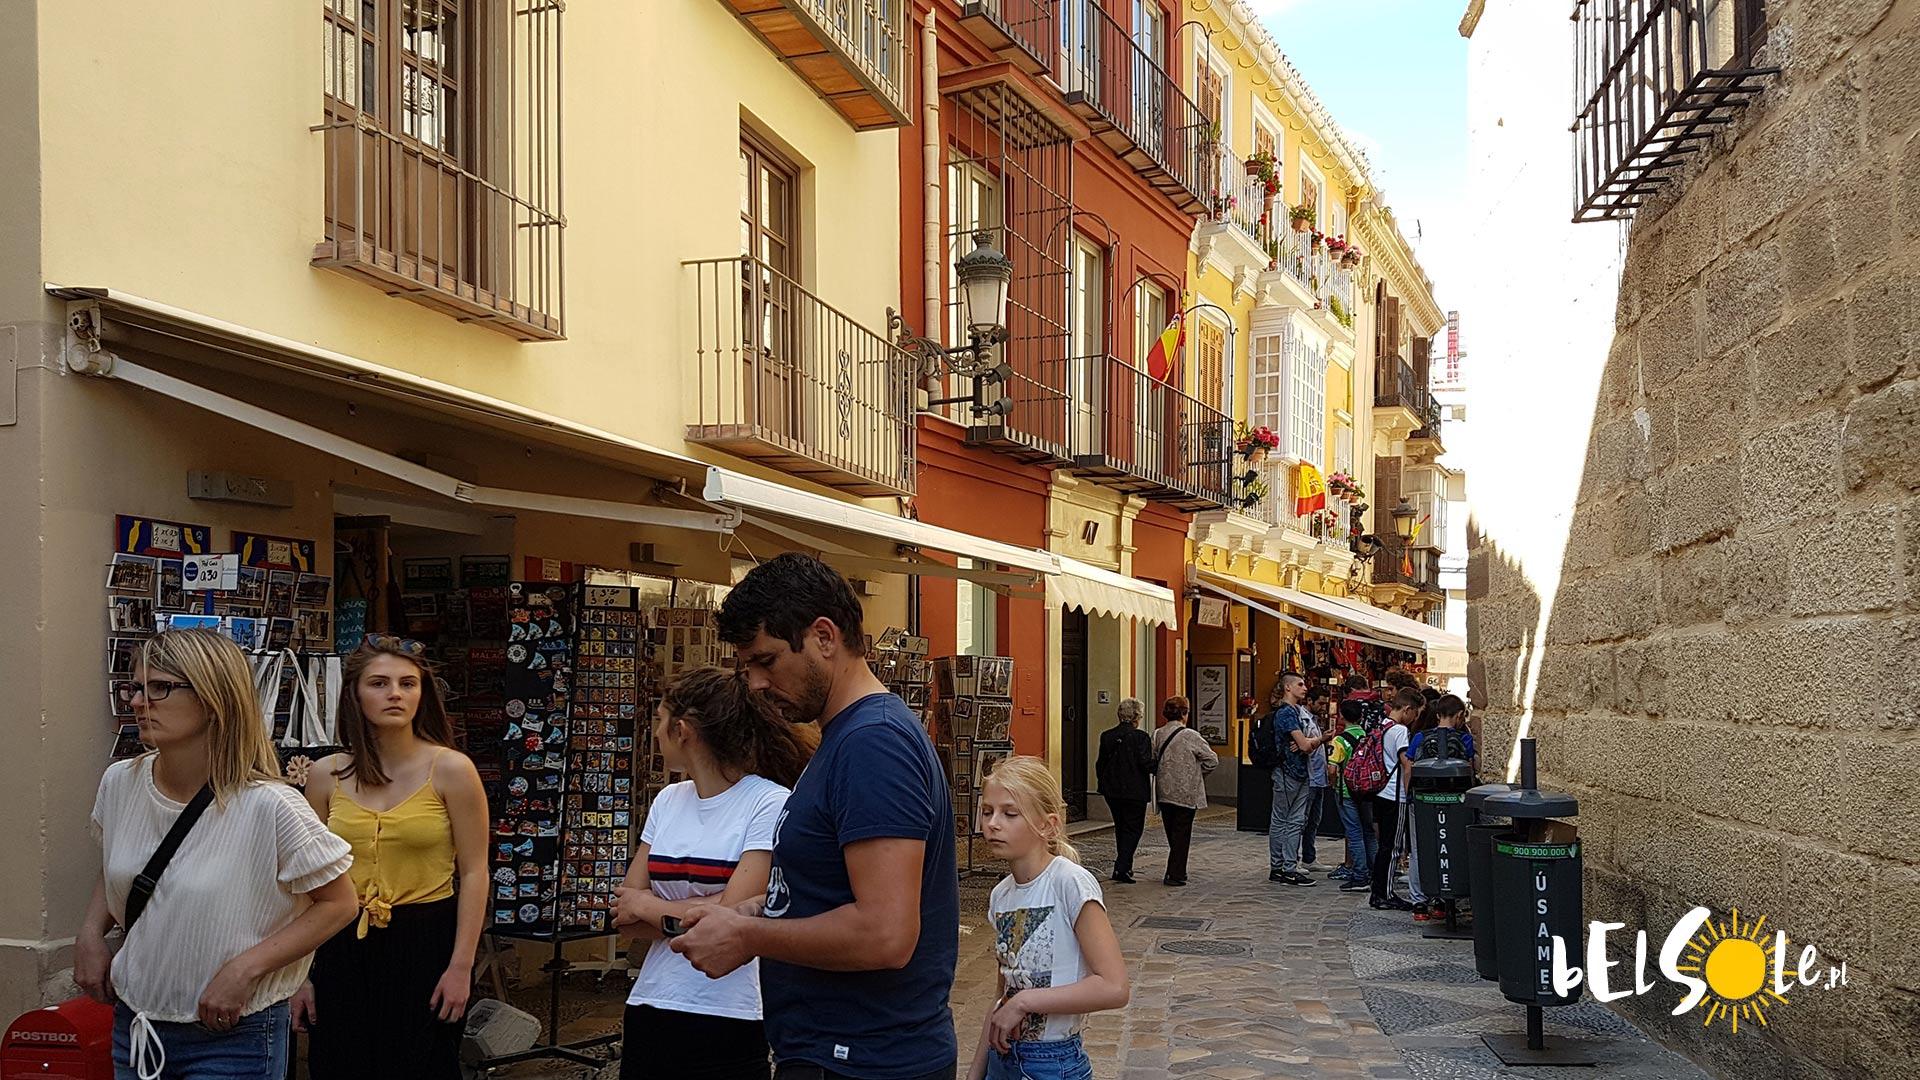 Muzeum Picassa Malaga